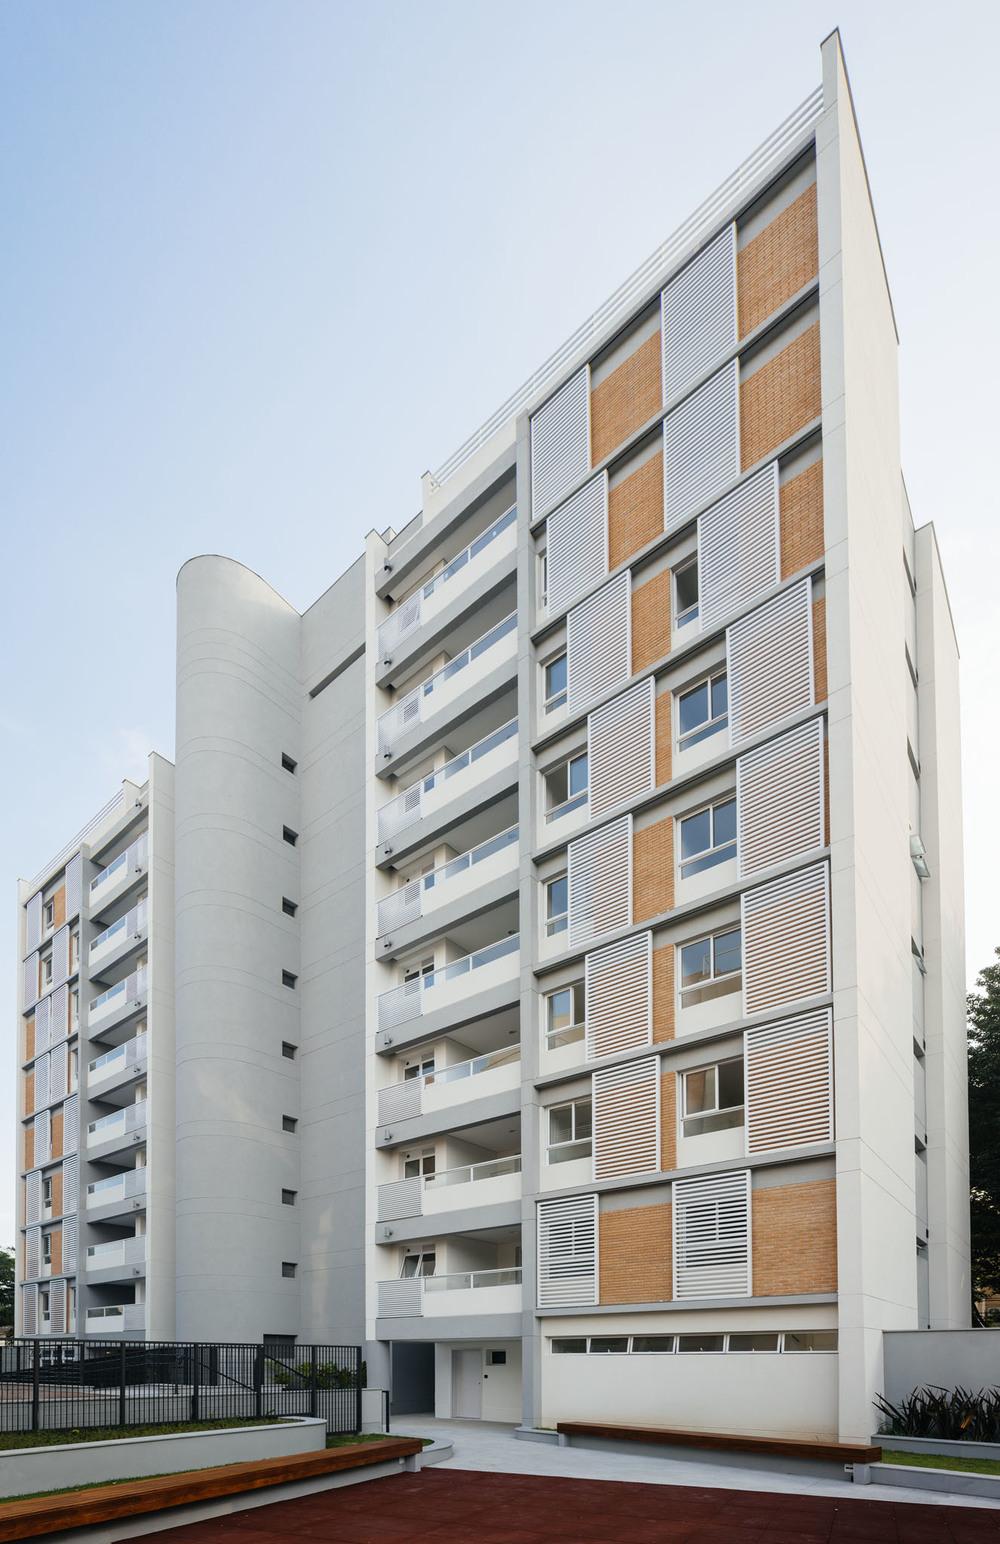 0198.EdificioAmoreira-PKOK9924E.jpg